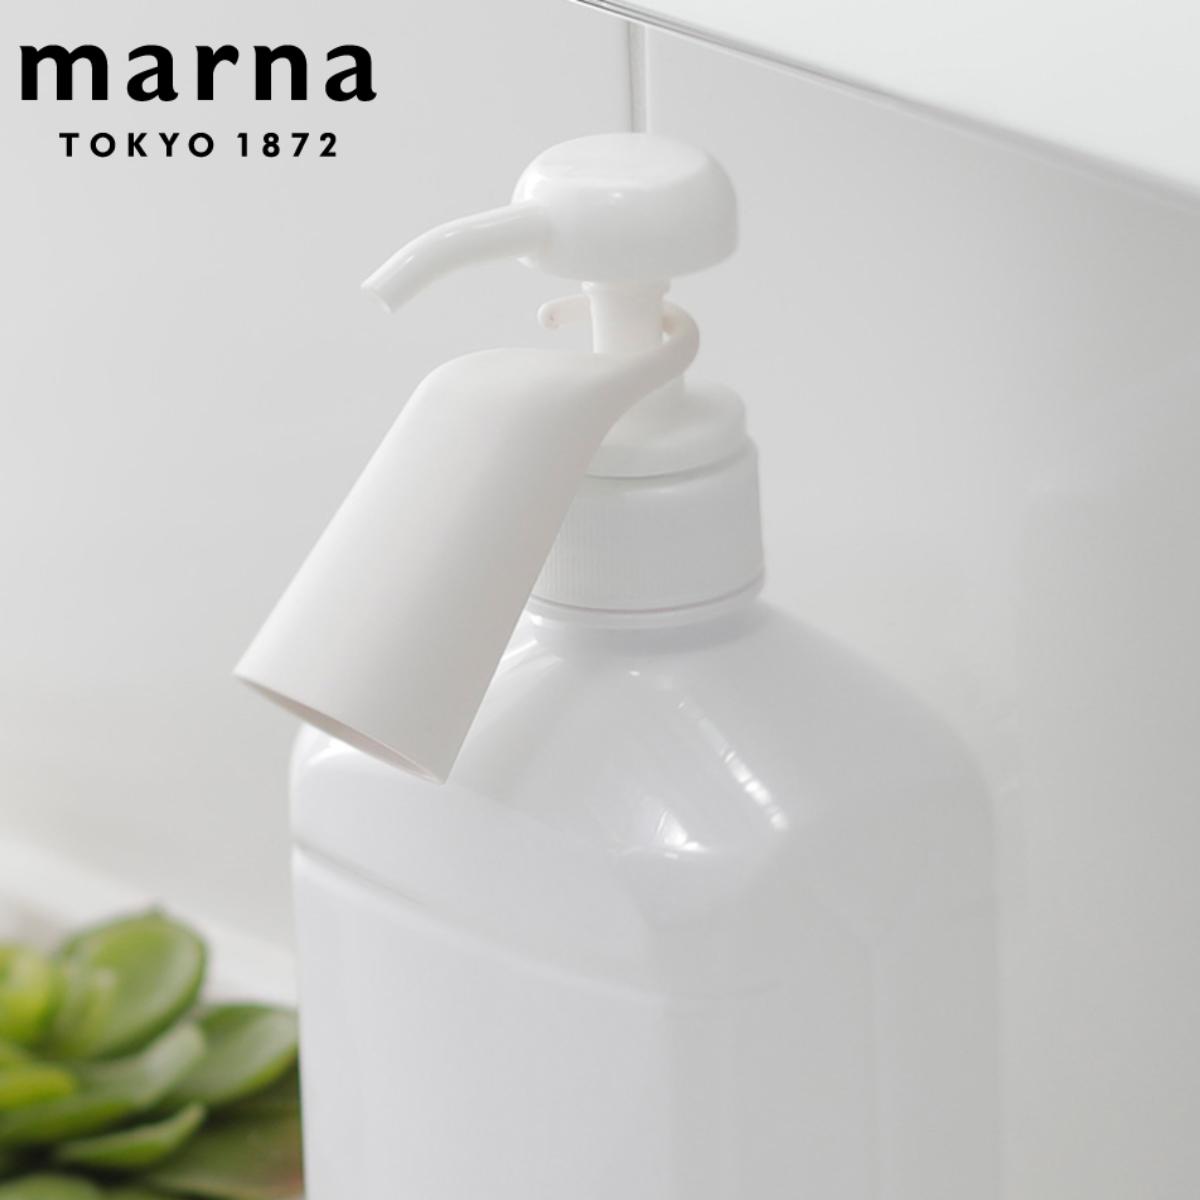 ポンプボトルに掛けてすっきり収納 コップ マーナ MARNA マウスウォッシュコップ うがいコップ ( マウスウォッシュ 洗口液 カップ 歯磨き 液体歯磨き 計量 10ml 20ml コンパクト 収納 ポンプに掛ける 衛生的 洗面用品 )